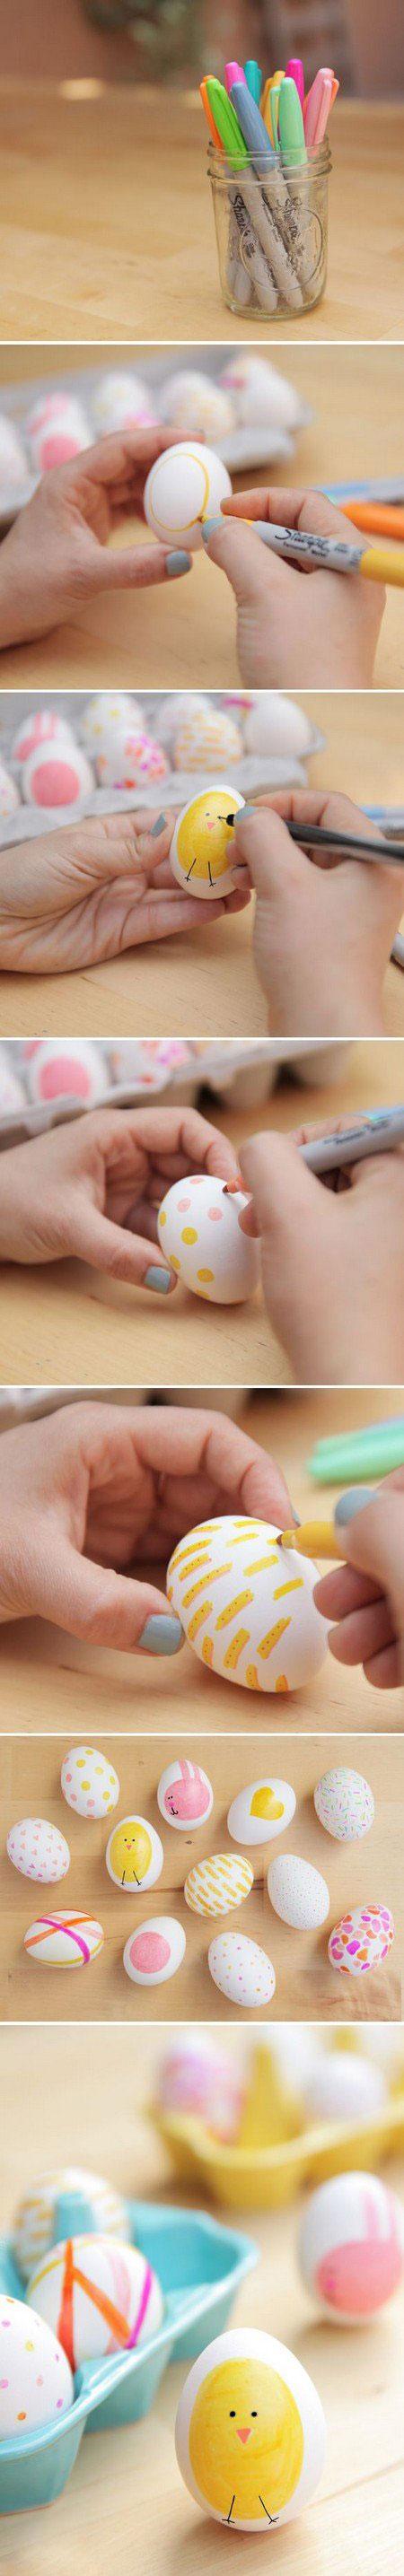 تزئین تخم مرغ عید به شکل جوجه